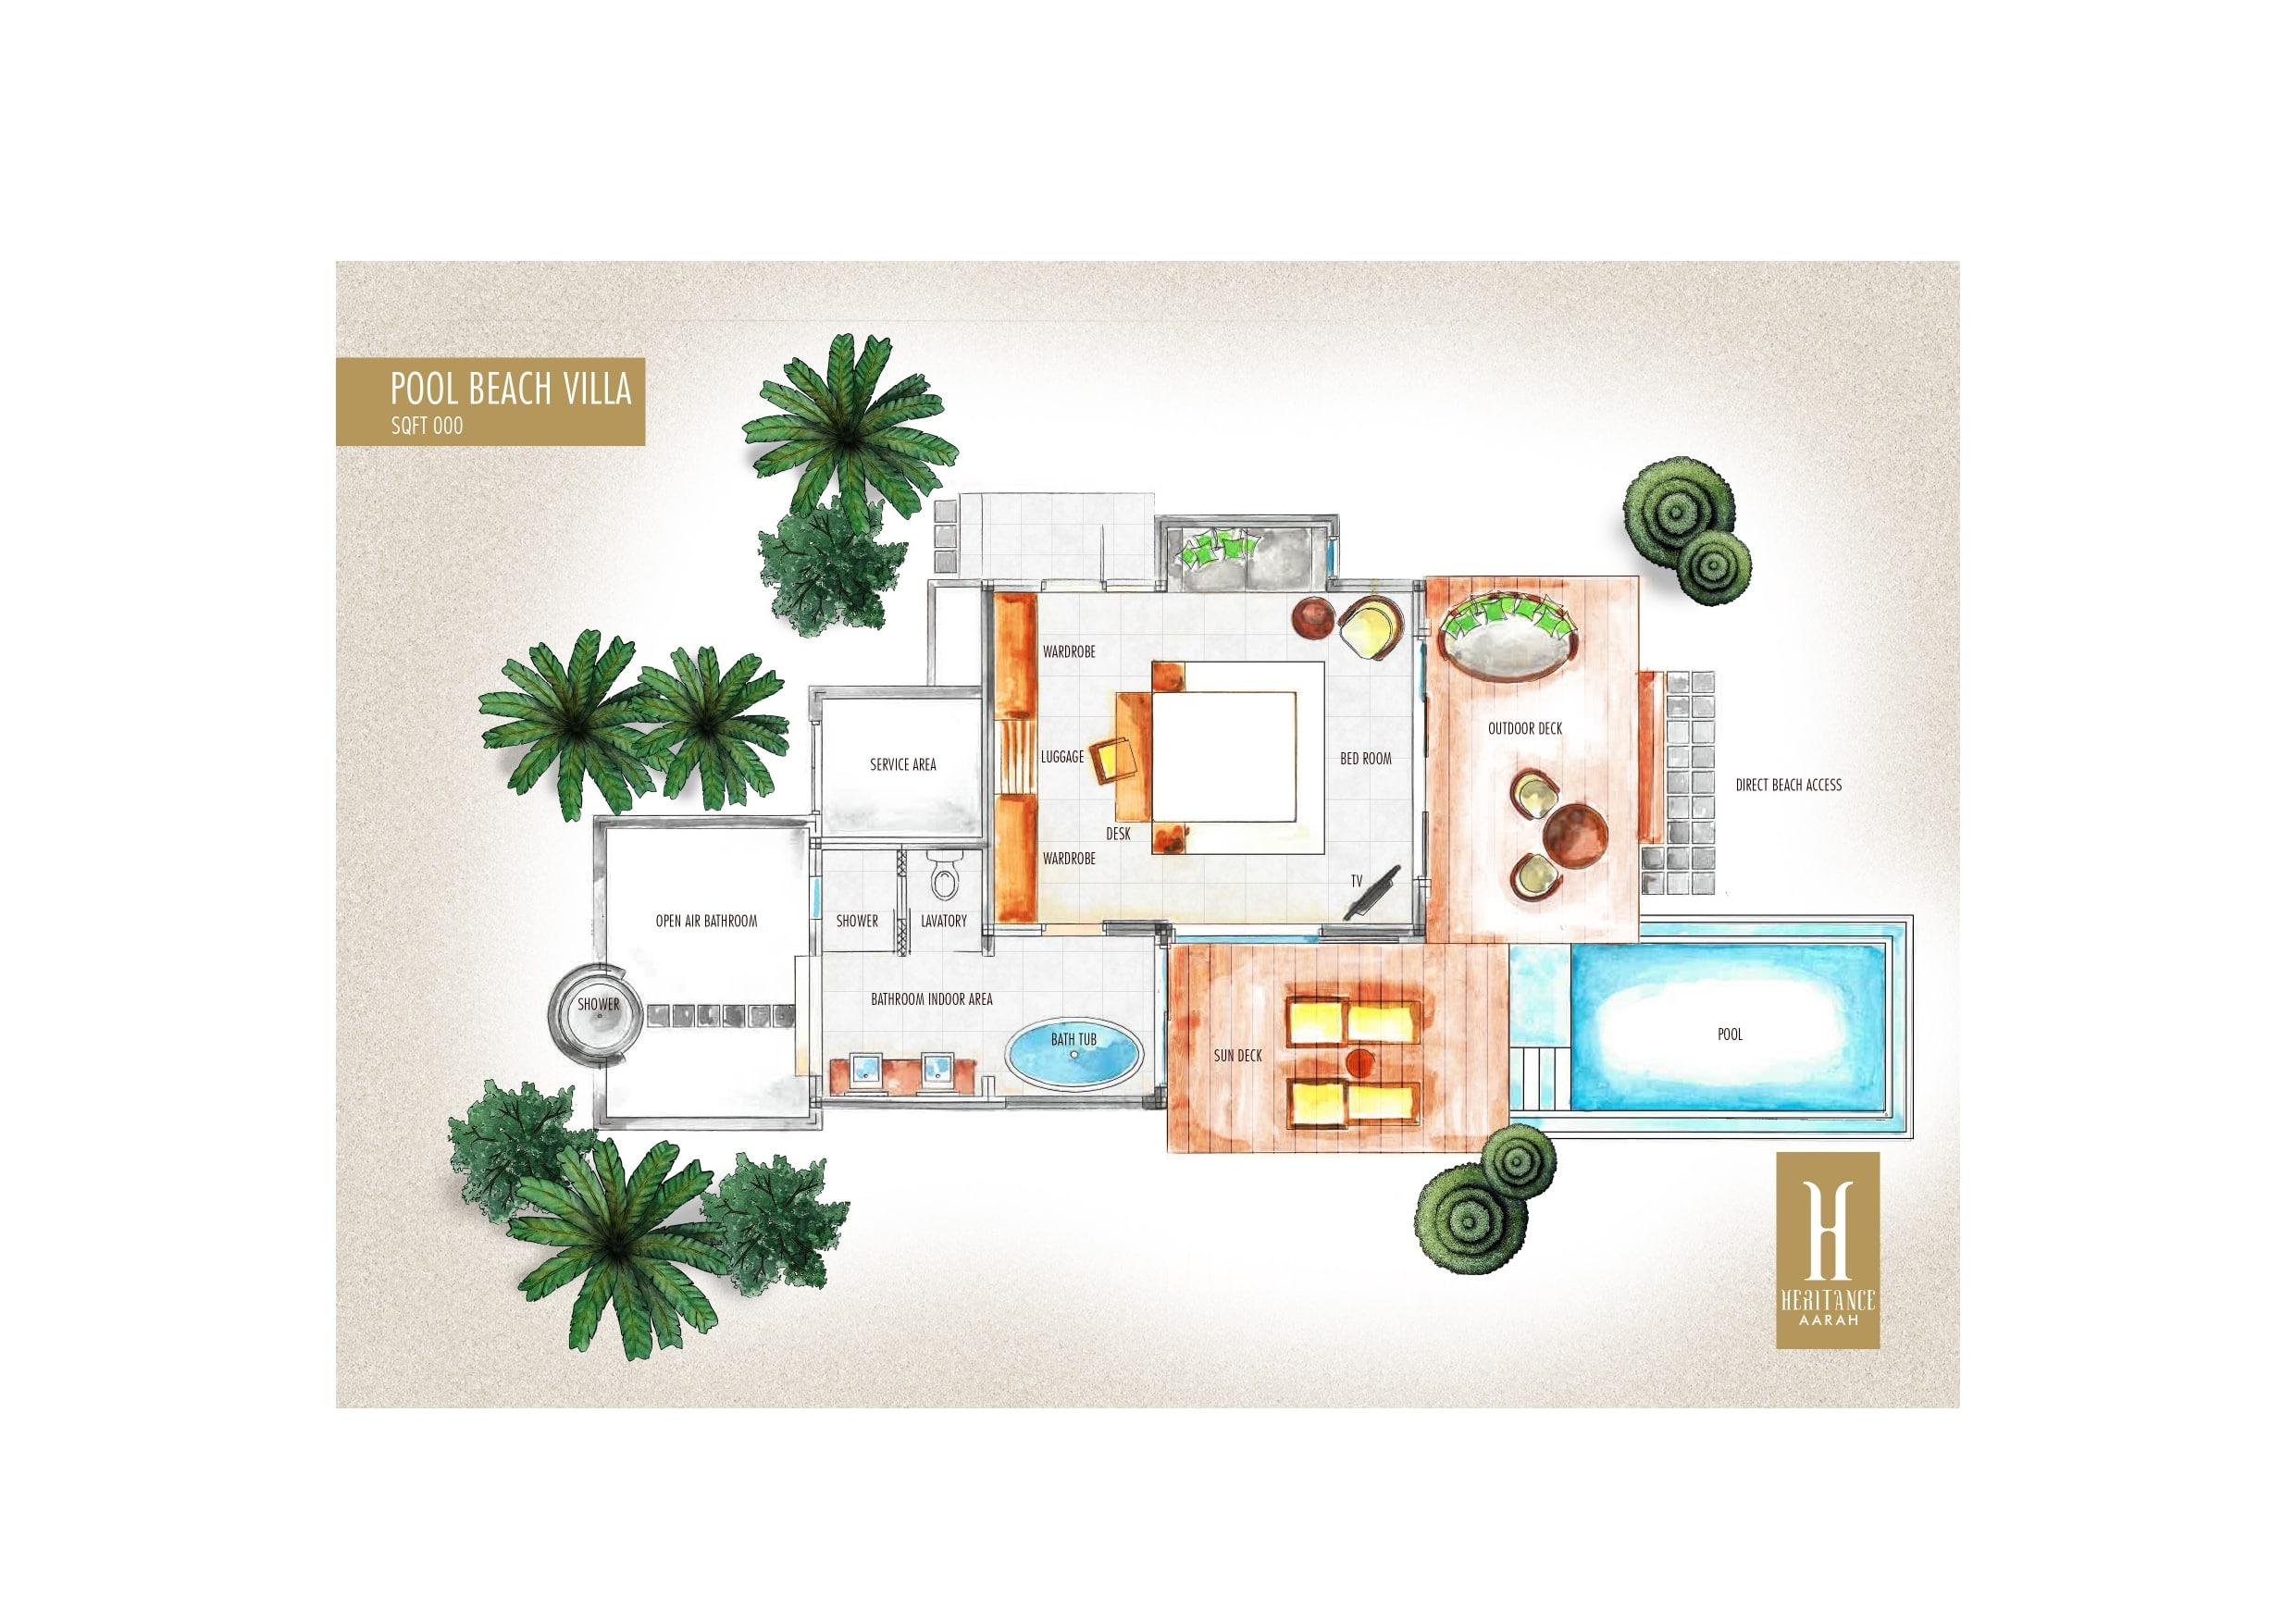 Мальдивы, отель Heritance Aarah, план-схема номера Beach Pool Villa